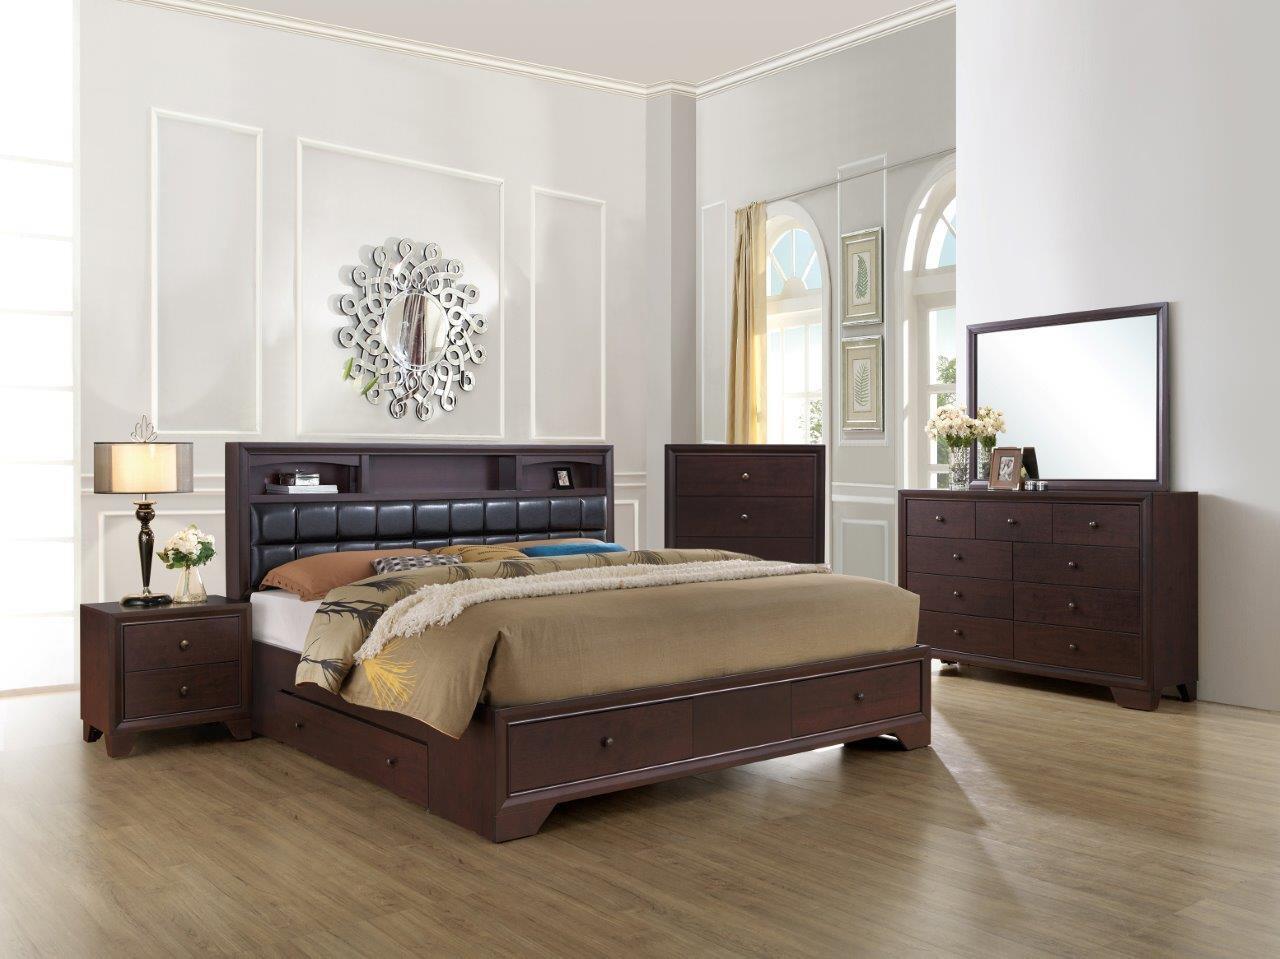 Global Furniture USA NOMAKBSET Noma King Bedroom Sets | Appliances ...